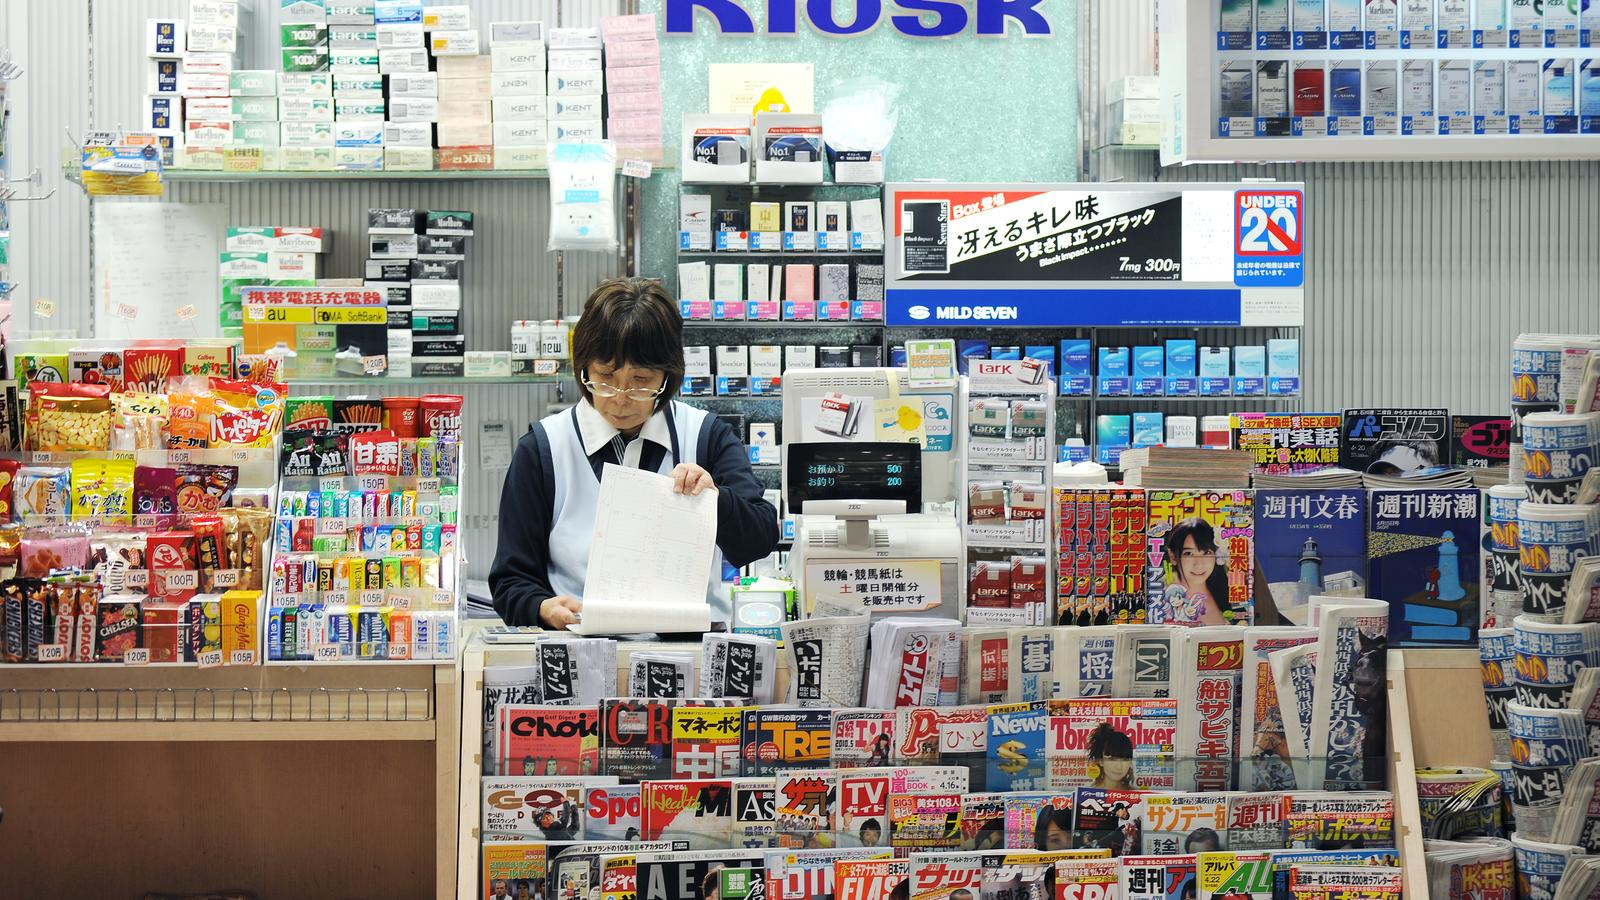 Leseliste 30. August 2015 Startbild Kiosk Nagoya